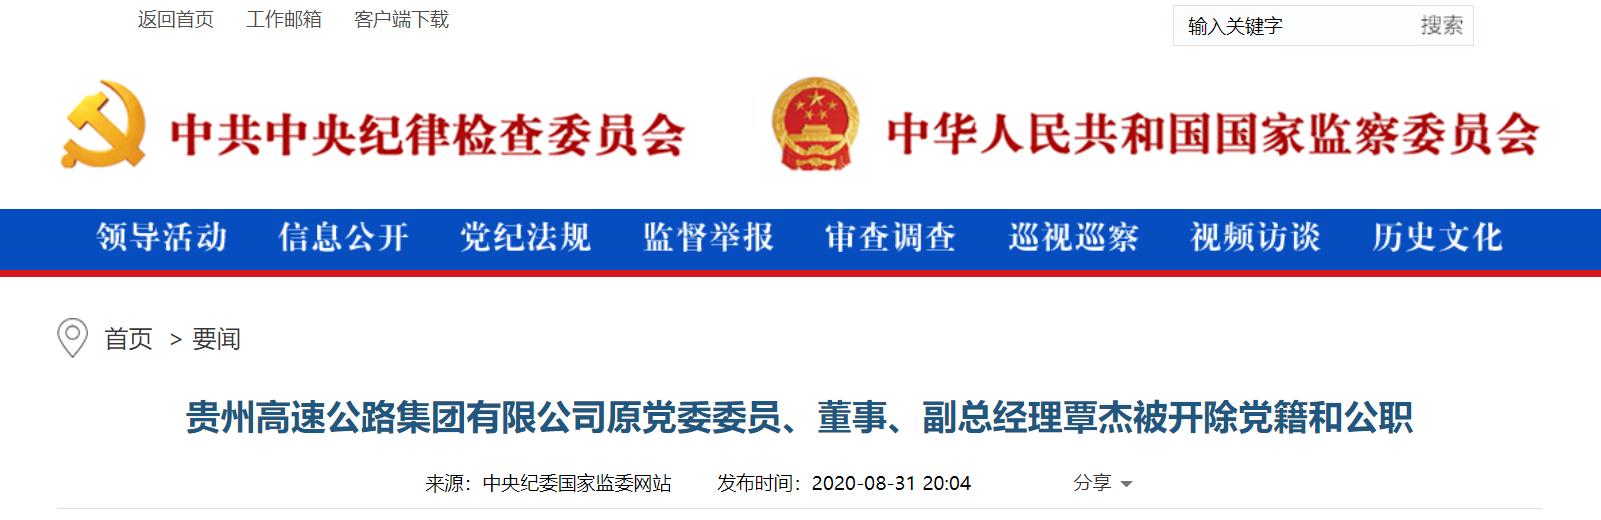 贵州省高速路集团公司原党委委员、董事、副总经理覃杰比较严重违